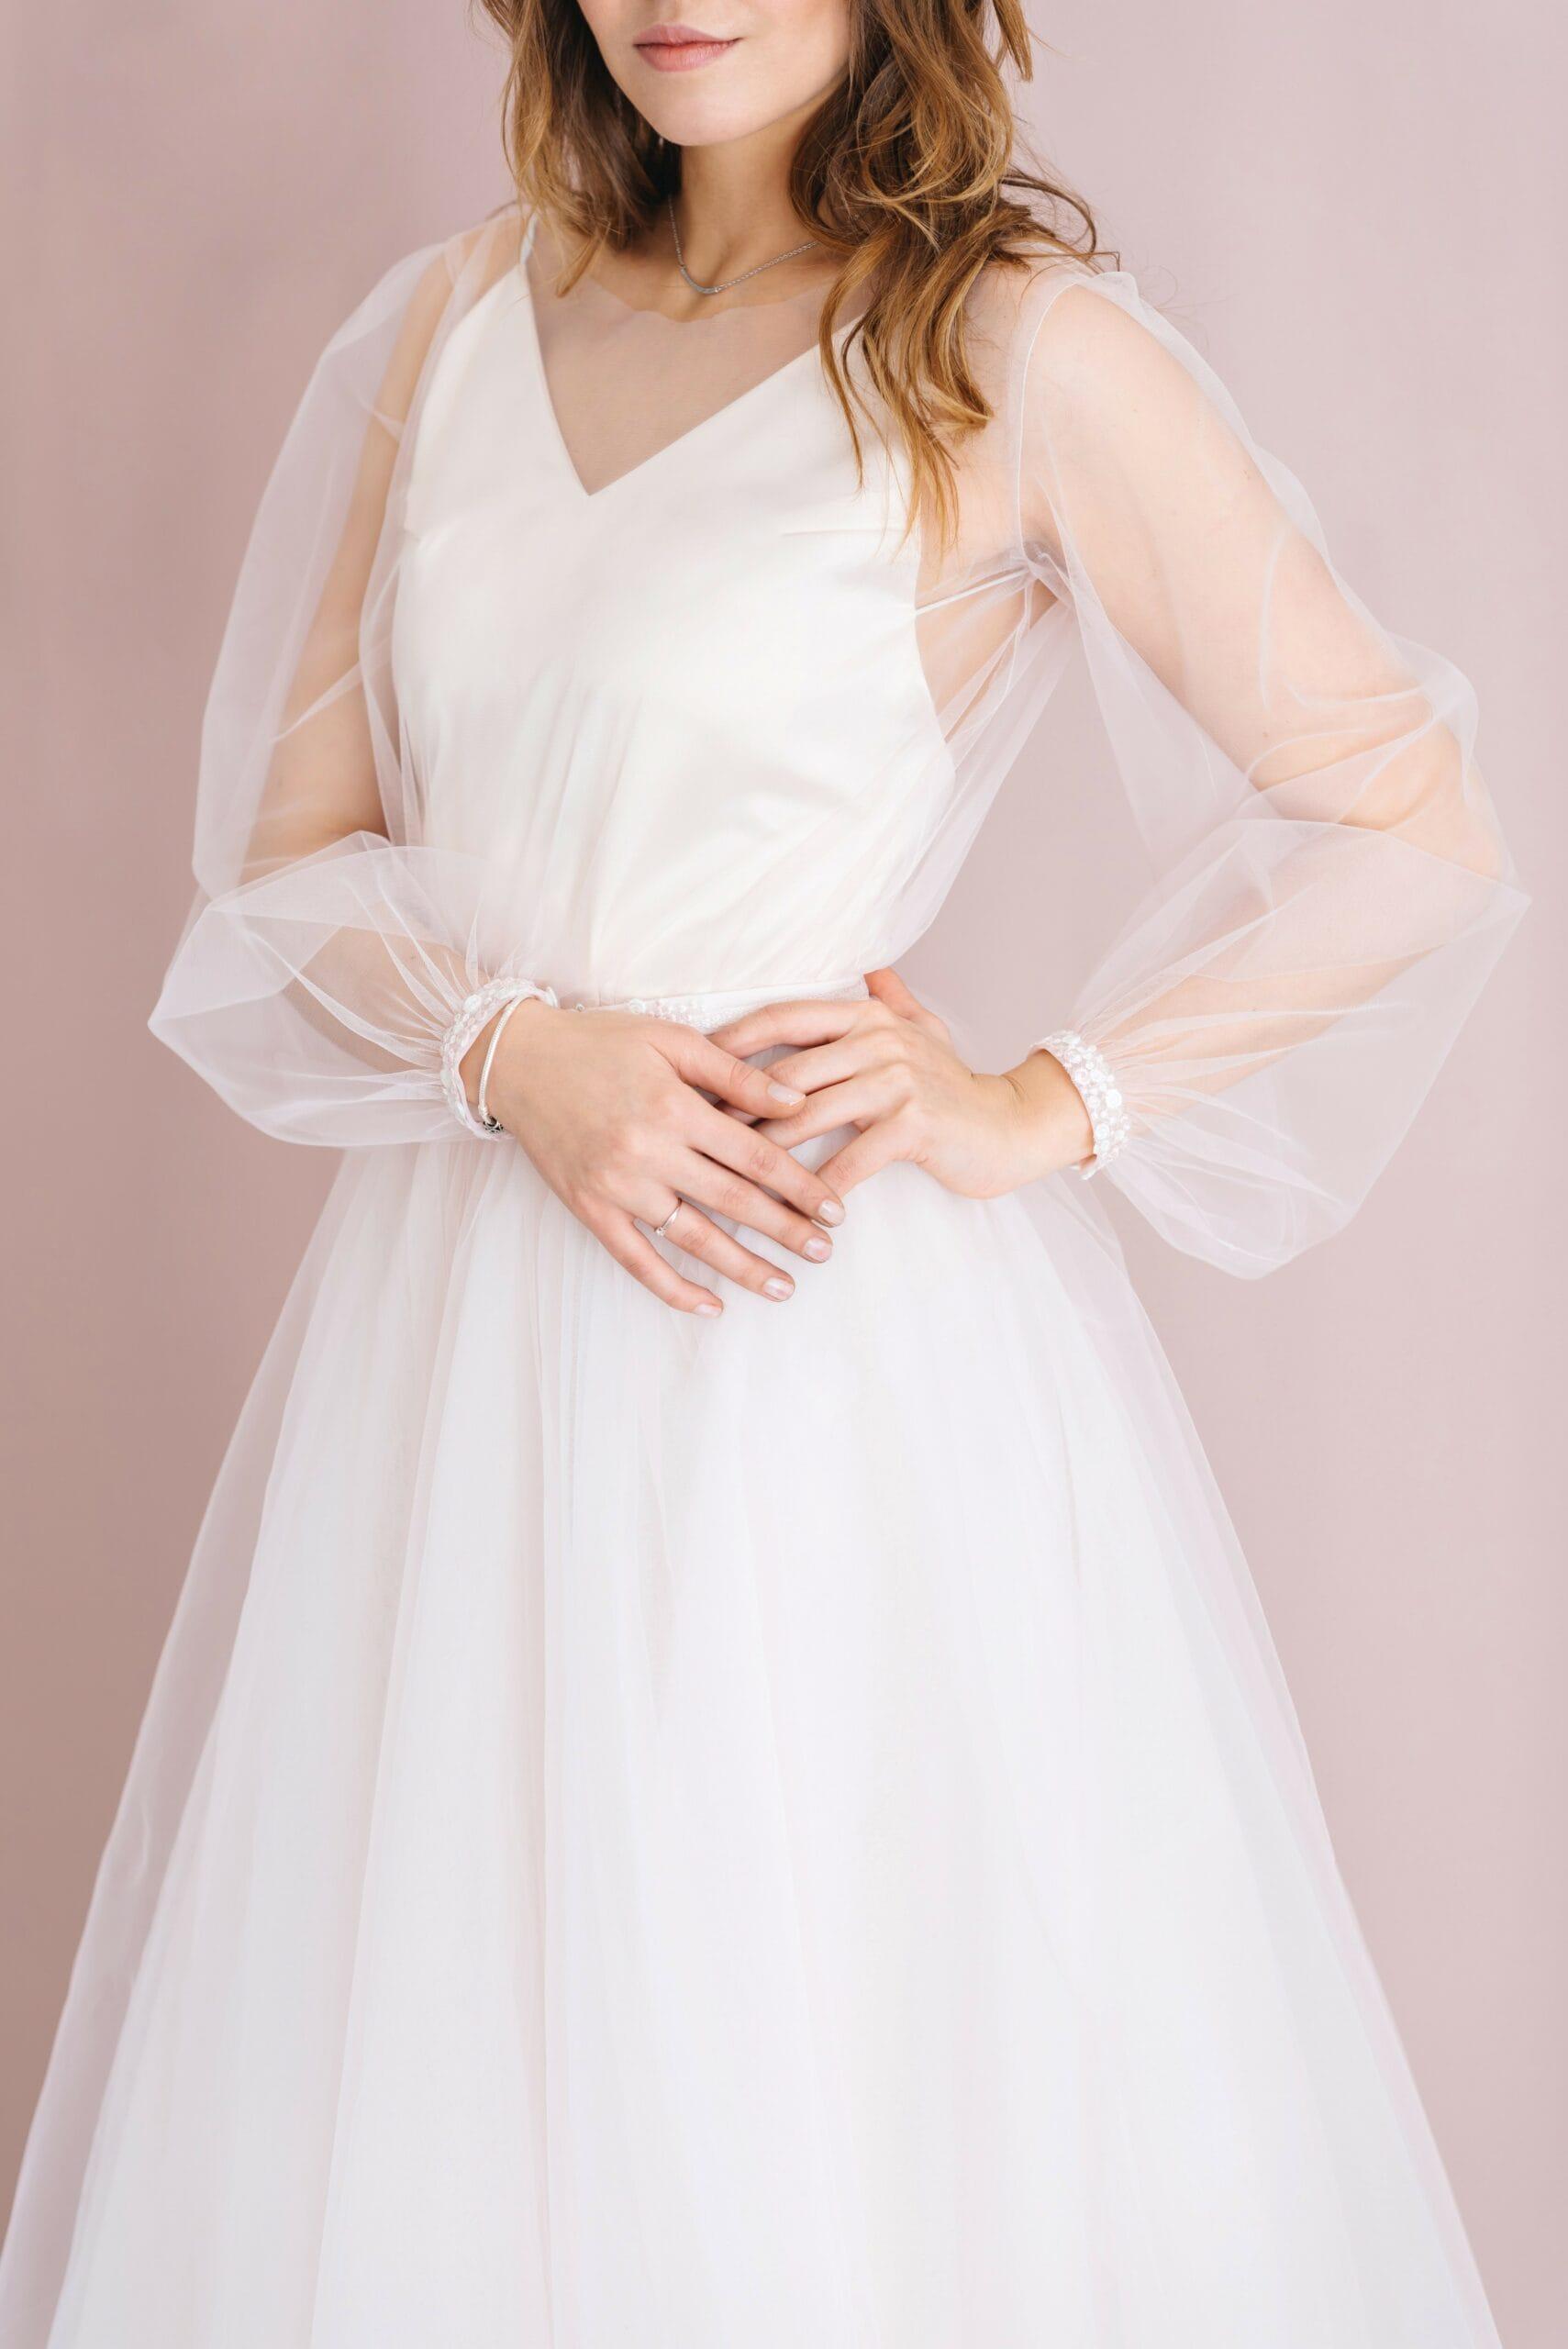 Свадебное платье FERGY, коллекция LOFT, бренд RARE BRIDAL, фото 3